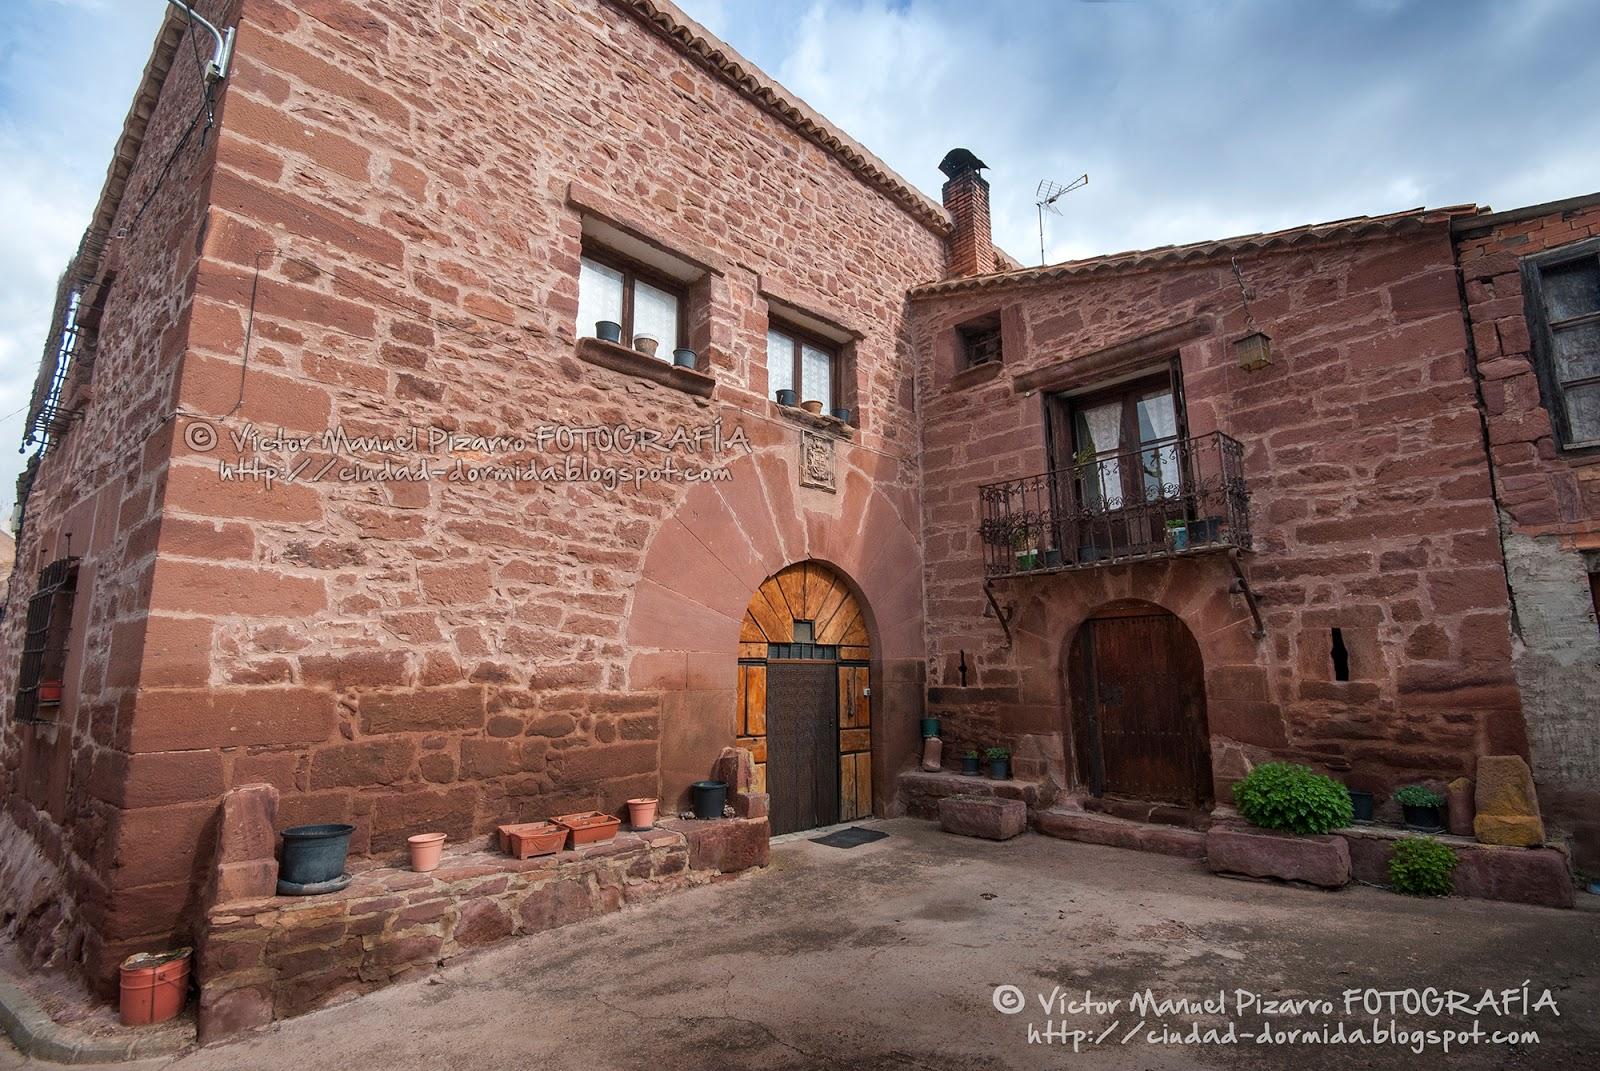 R denas el pueblo de arenisca roja sierra de albarrac n - Casas gratis en pueblos de espana ...